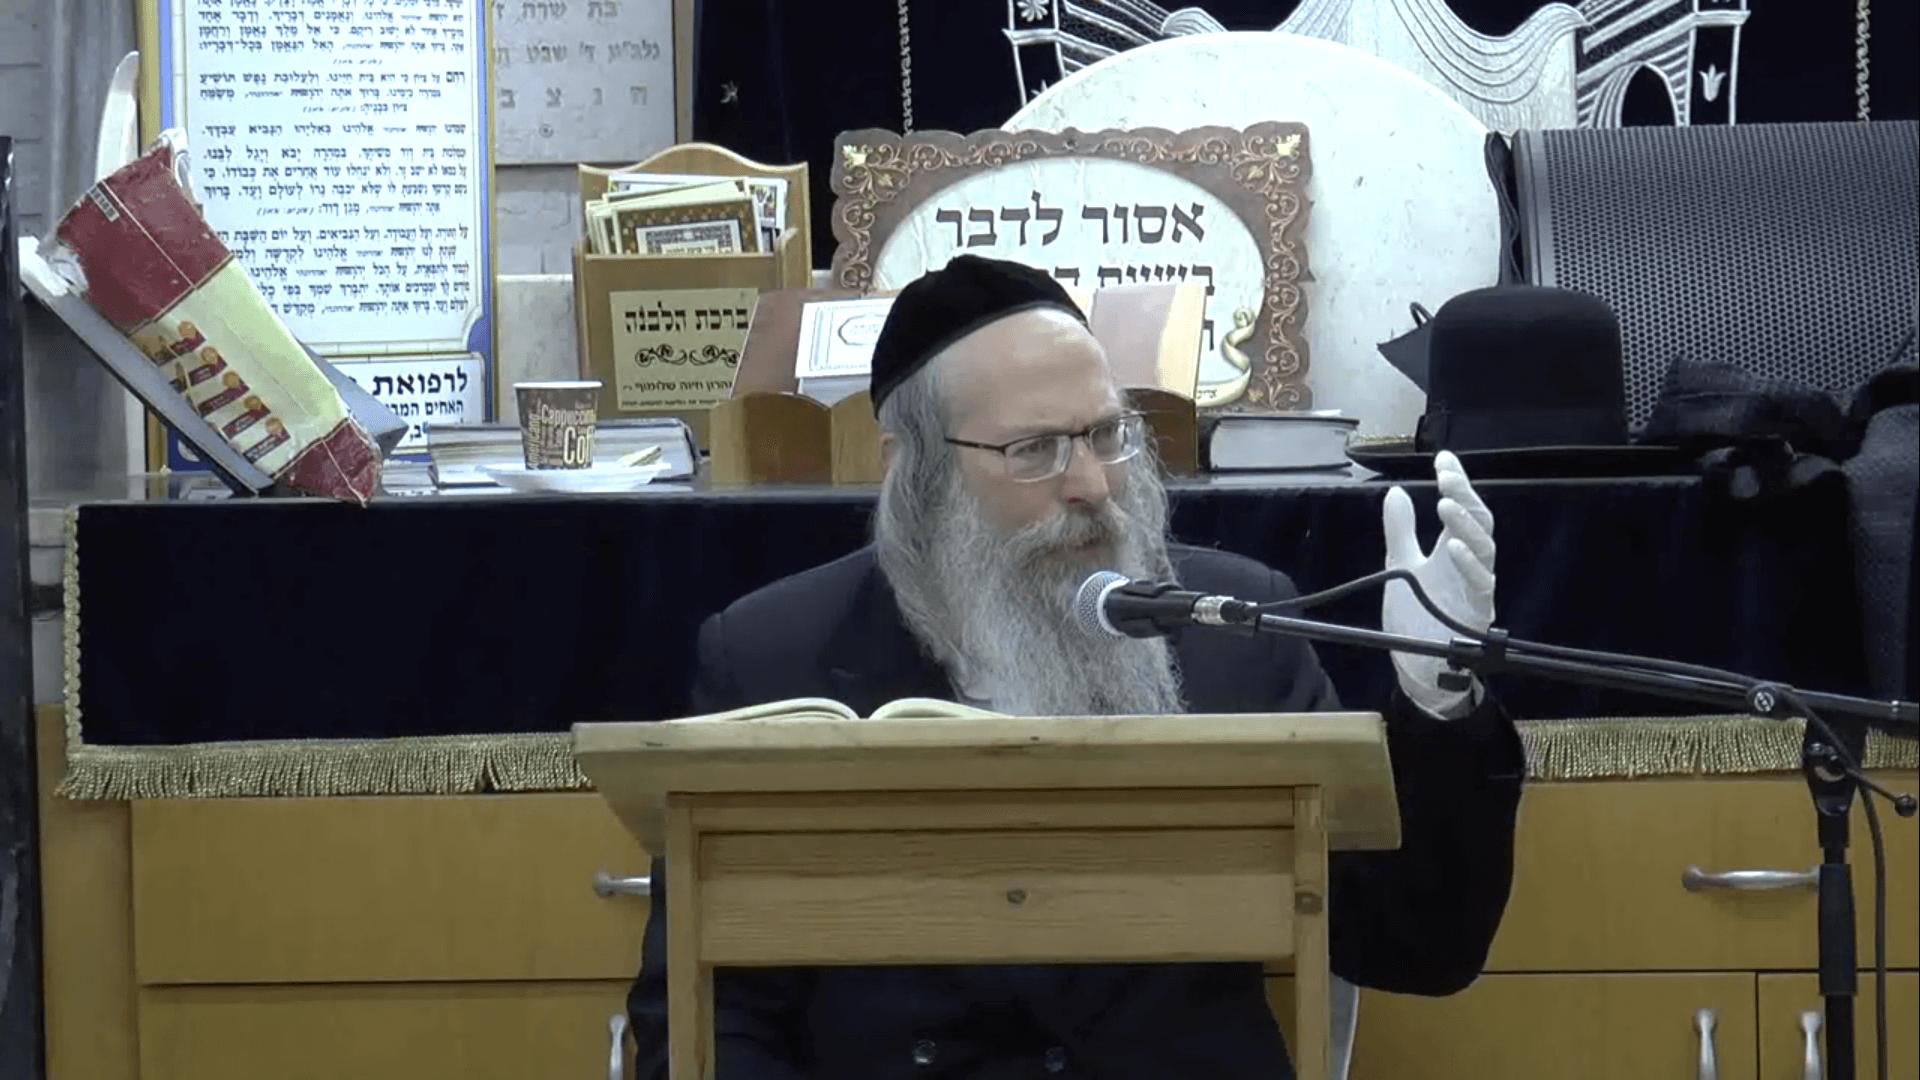 הרב אליהו גודלבסקי – בצל הקורונה